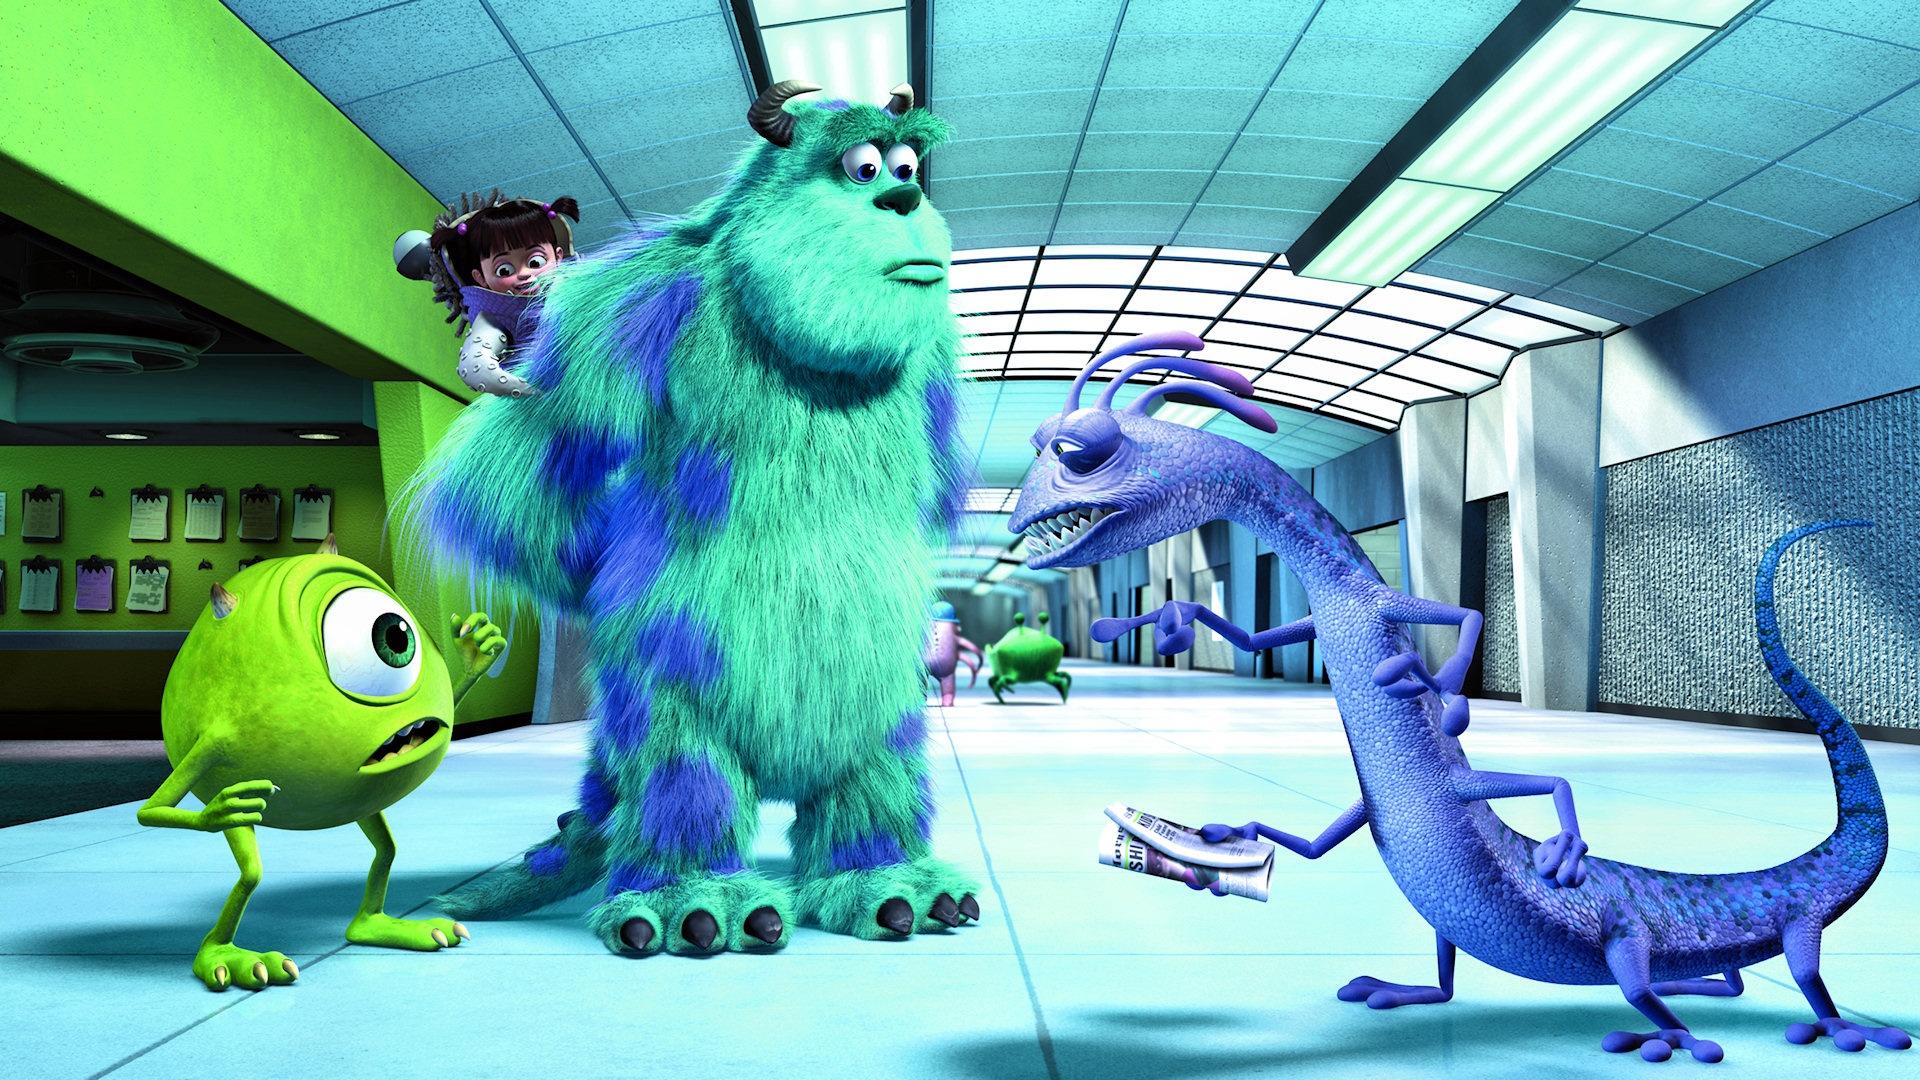 Fein Monster Ink Malvorlagen Randall Bilder - Malvorlagen Von Tieren ...